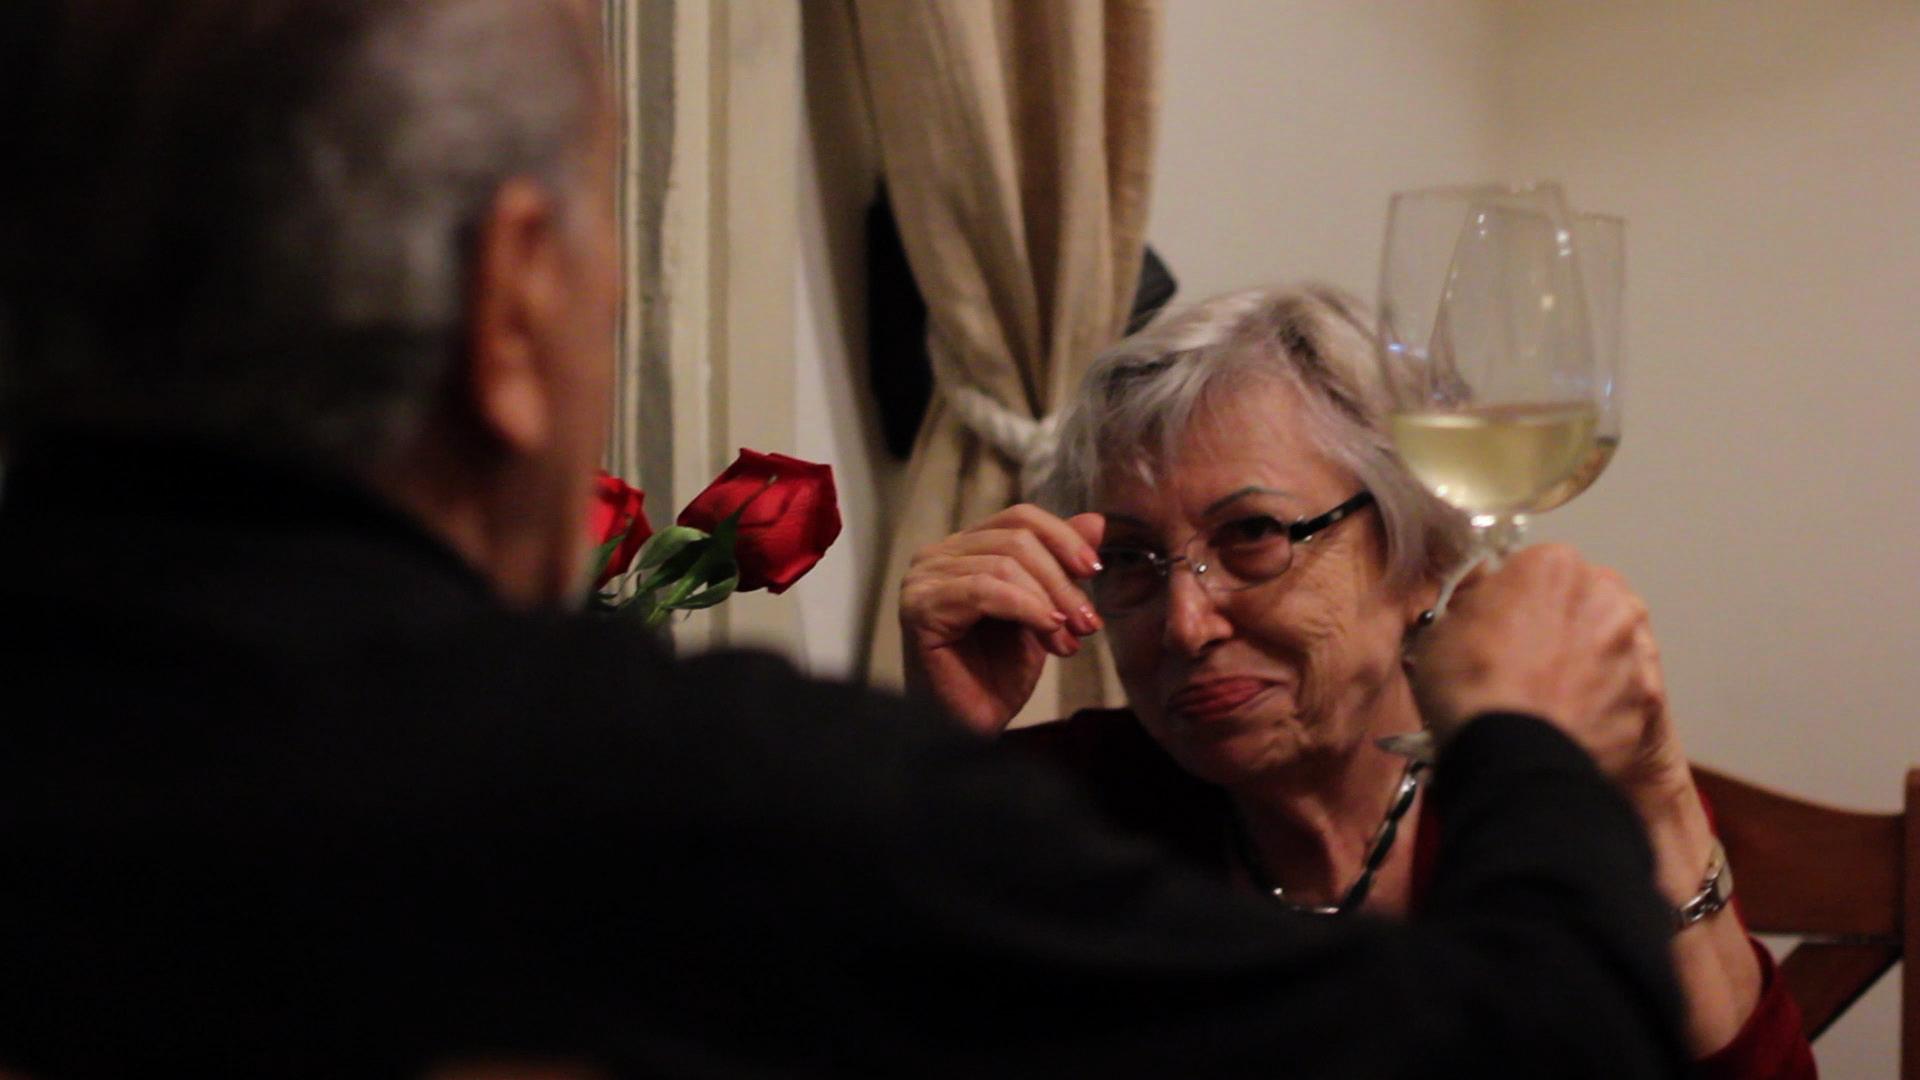 Documental uruguayo relata cómo envejece el amor con pareja octogenaria